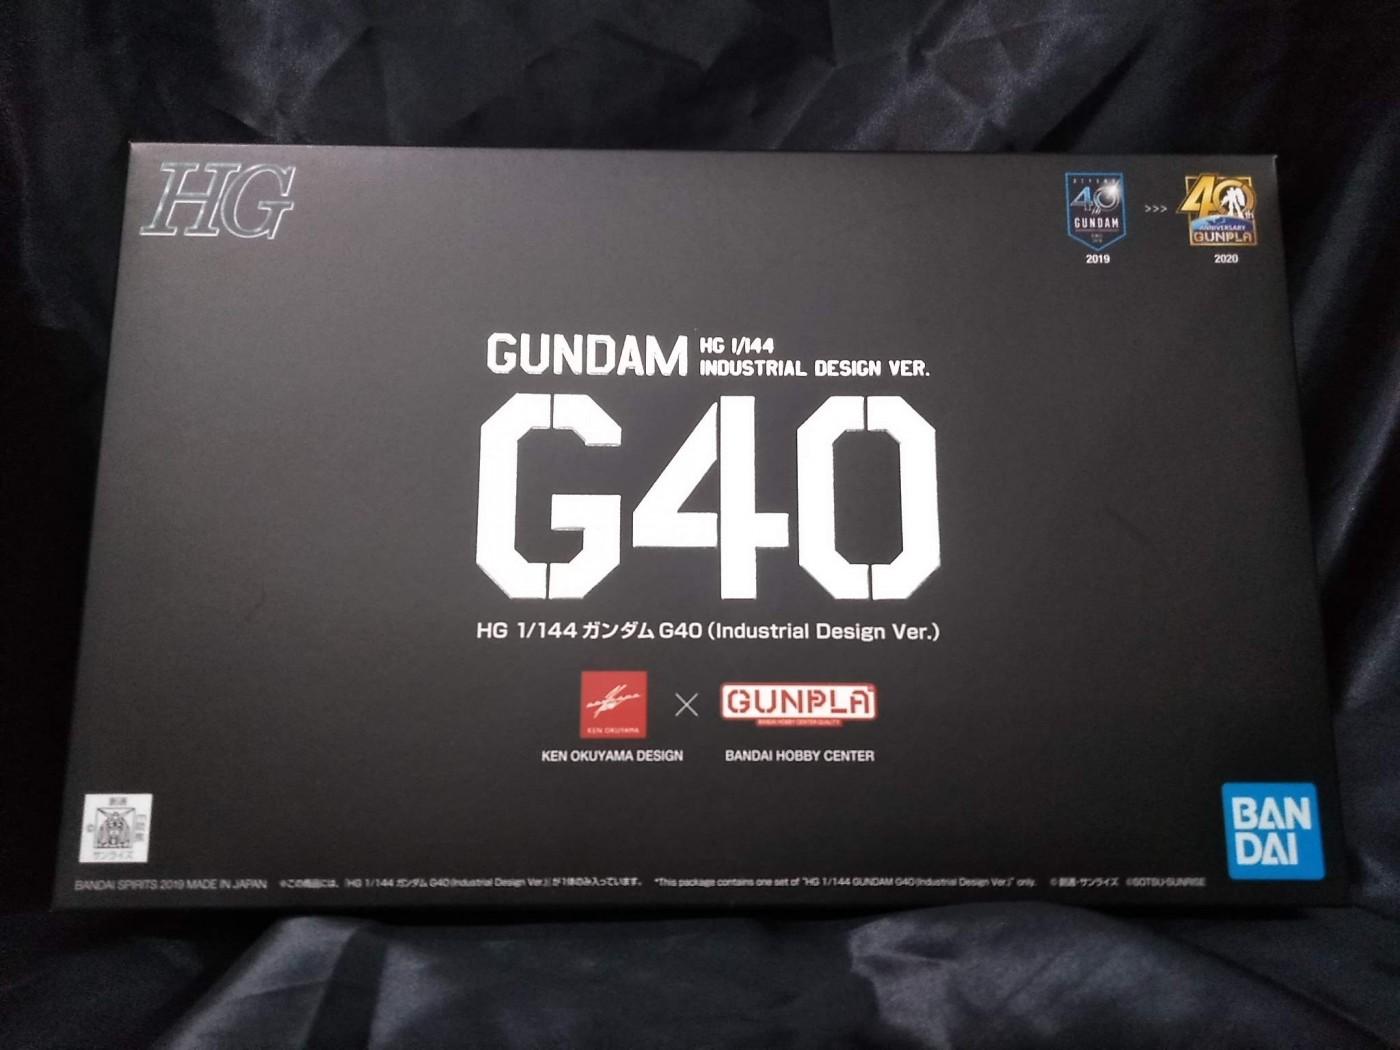 ゼスト所沢店の買取情報!!『バンダイの1/144 HG ガンダムG40 Industrial Design Ver. 「機動戦士ガンダム」』